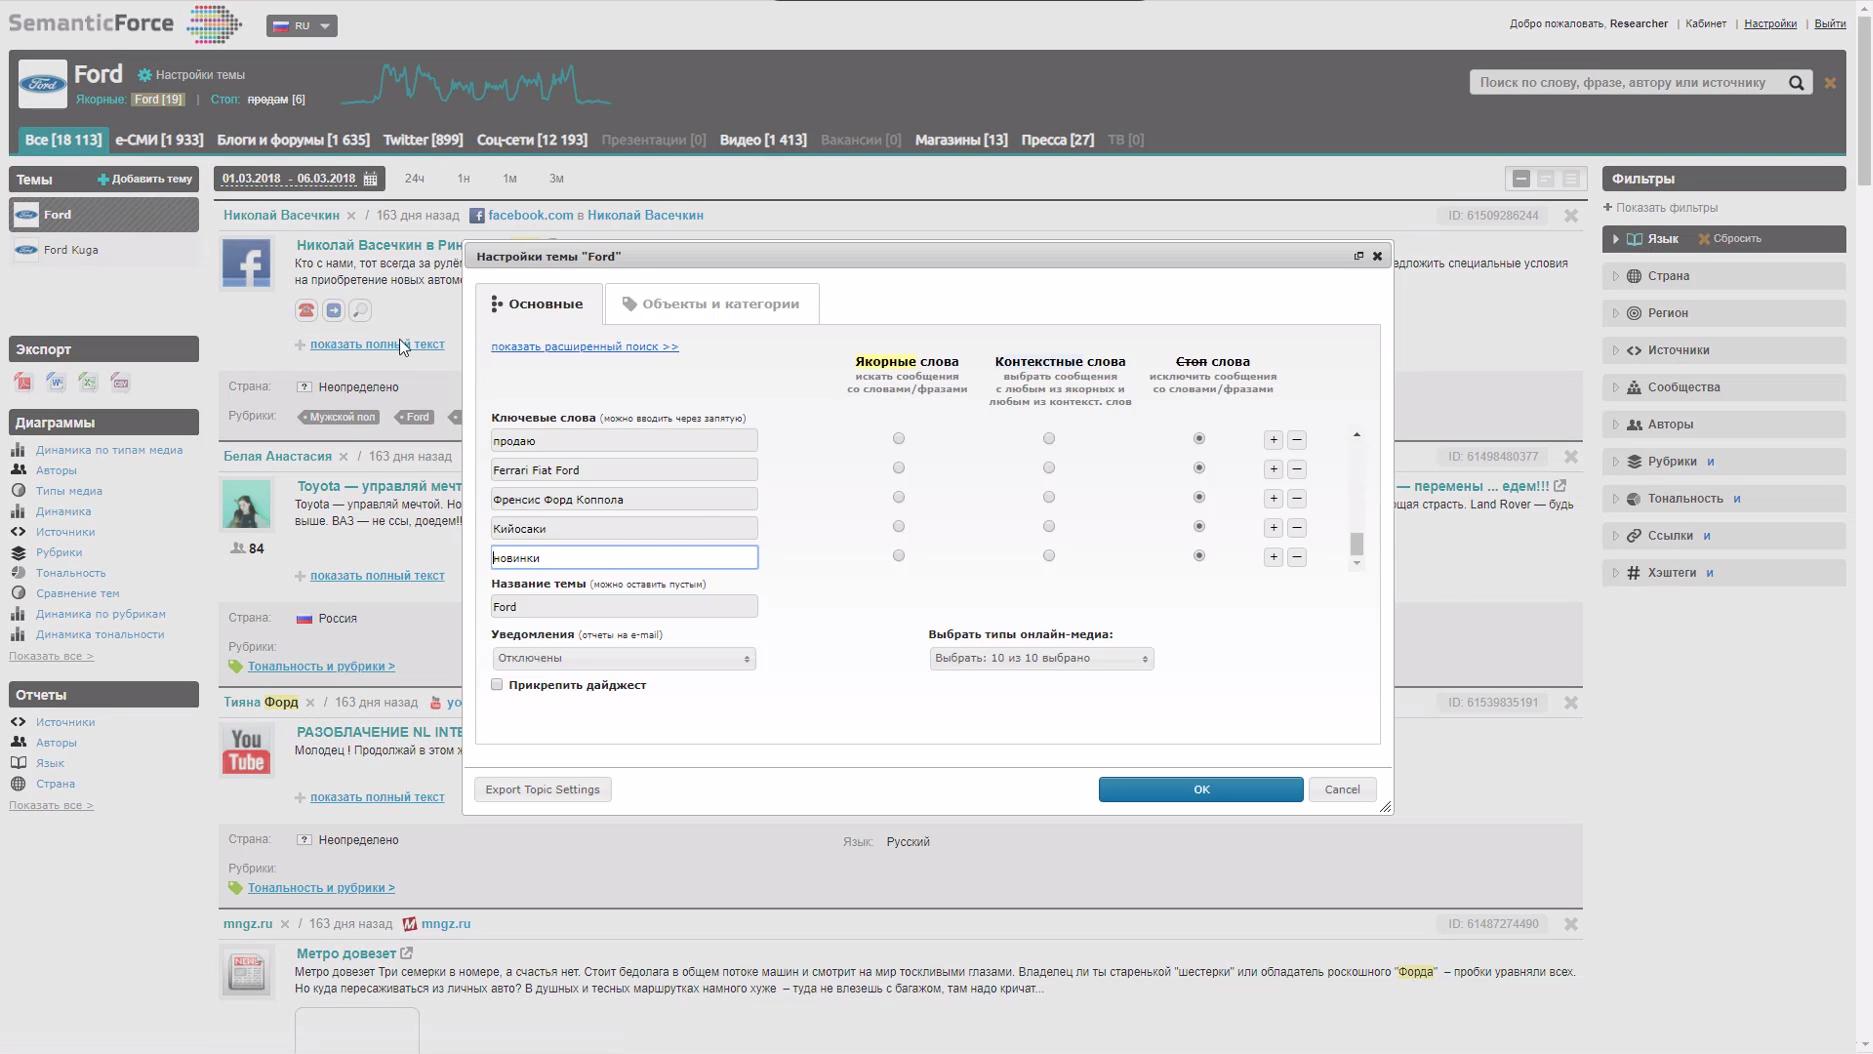 Настройка тем и сюжетов для анализа и мониторинга в программном обеспечении для PR SemanticForce